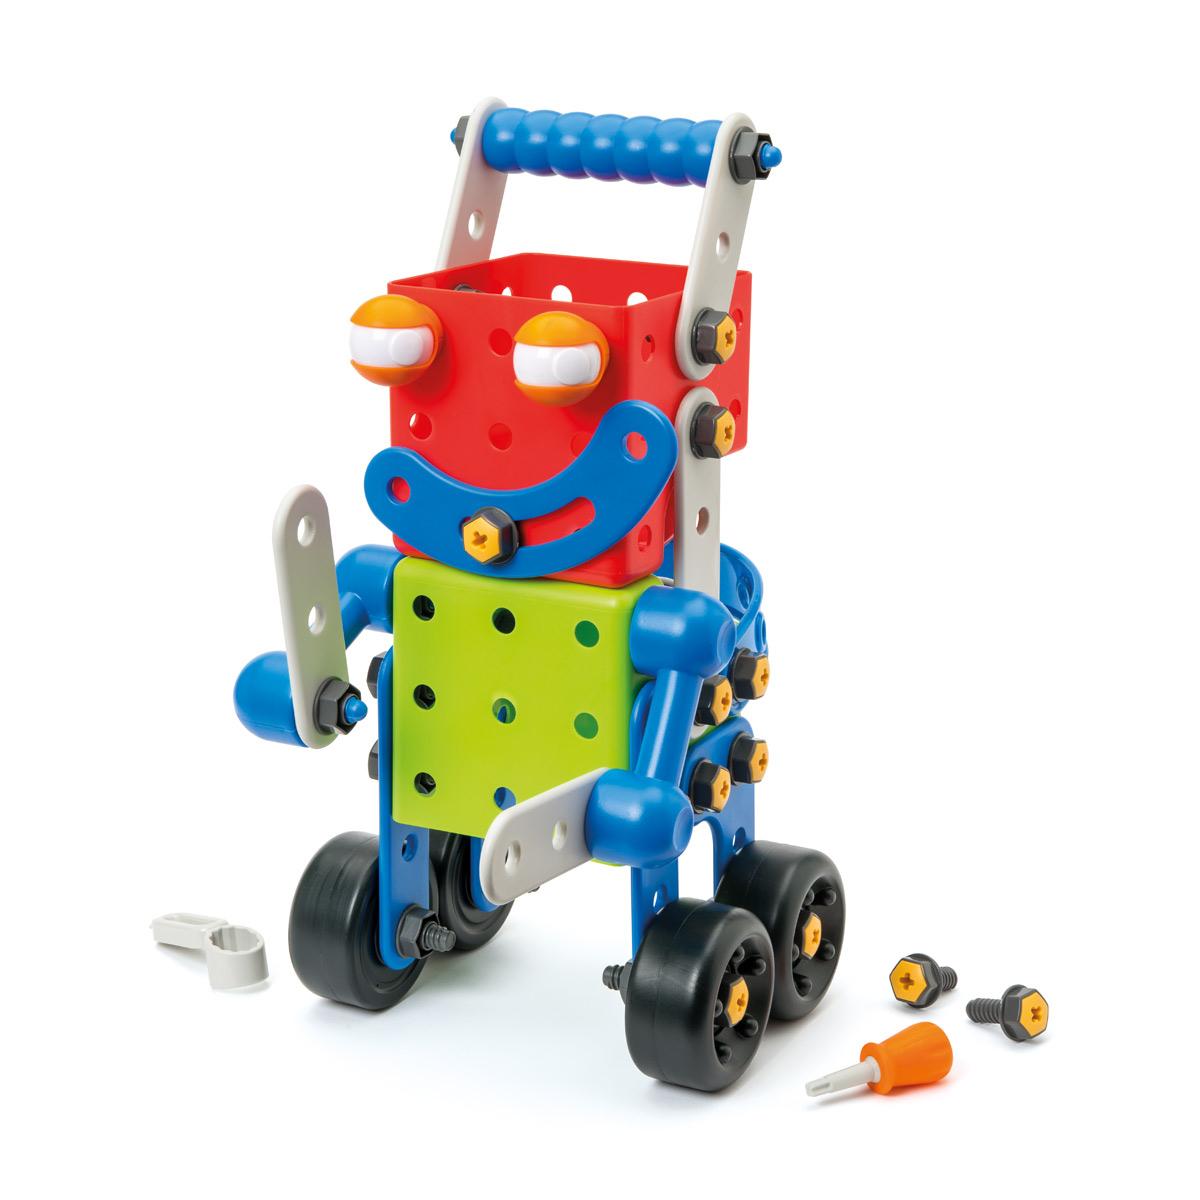 Robot Build It Géant 81 Pièces tout Jeux Enfant 3 Ans Gratuit